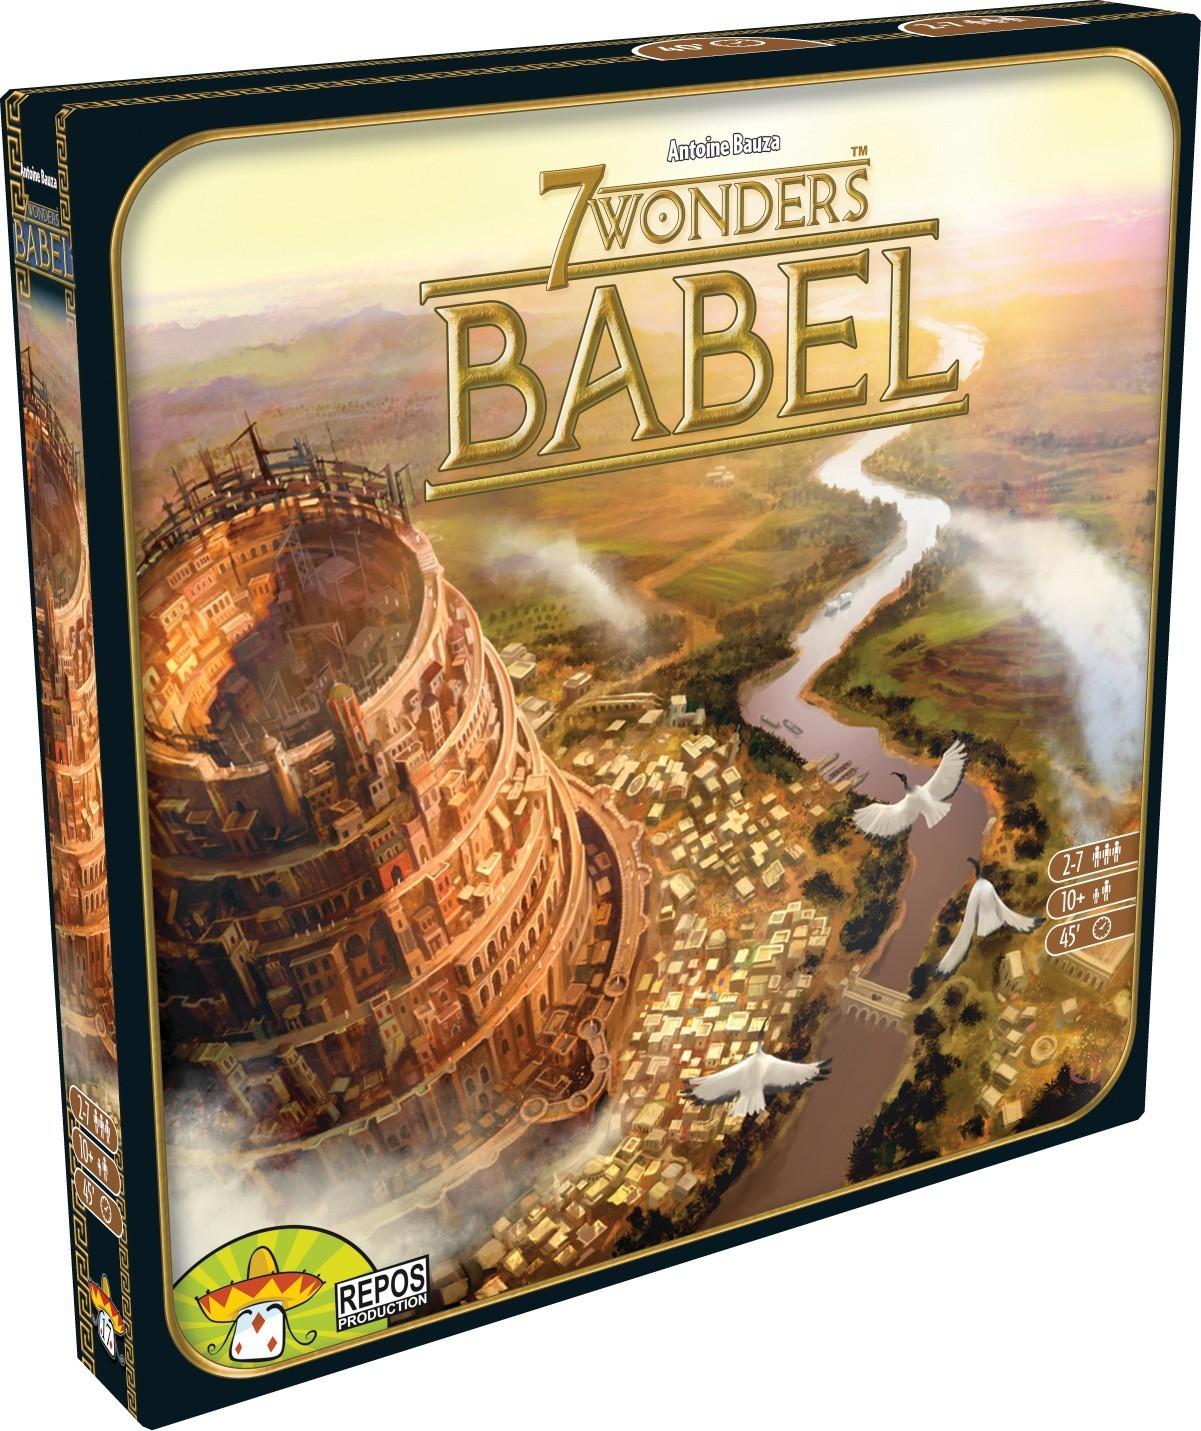 7 Wonders : Babel